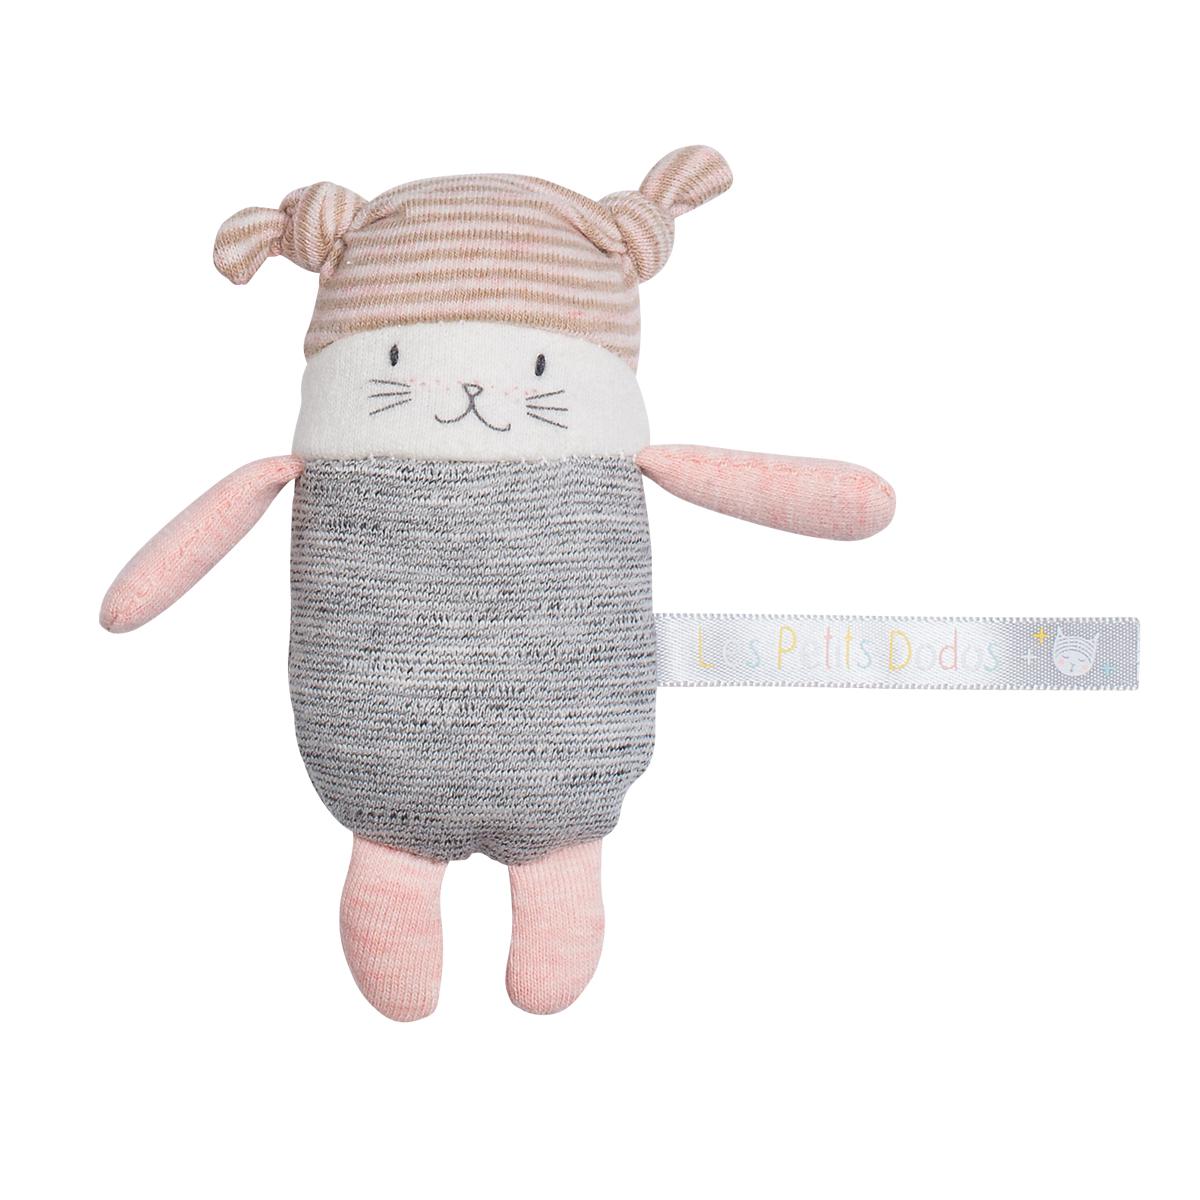 「プティ・ドゥードゥー」リトルドゥドゥ しましま帽子(ピンク)